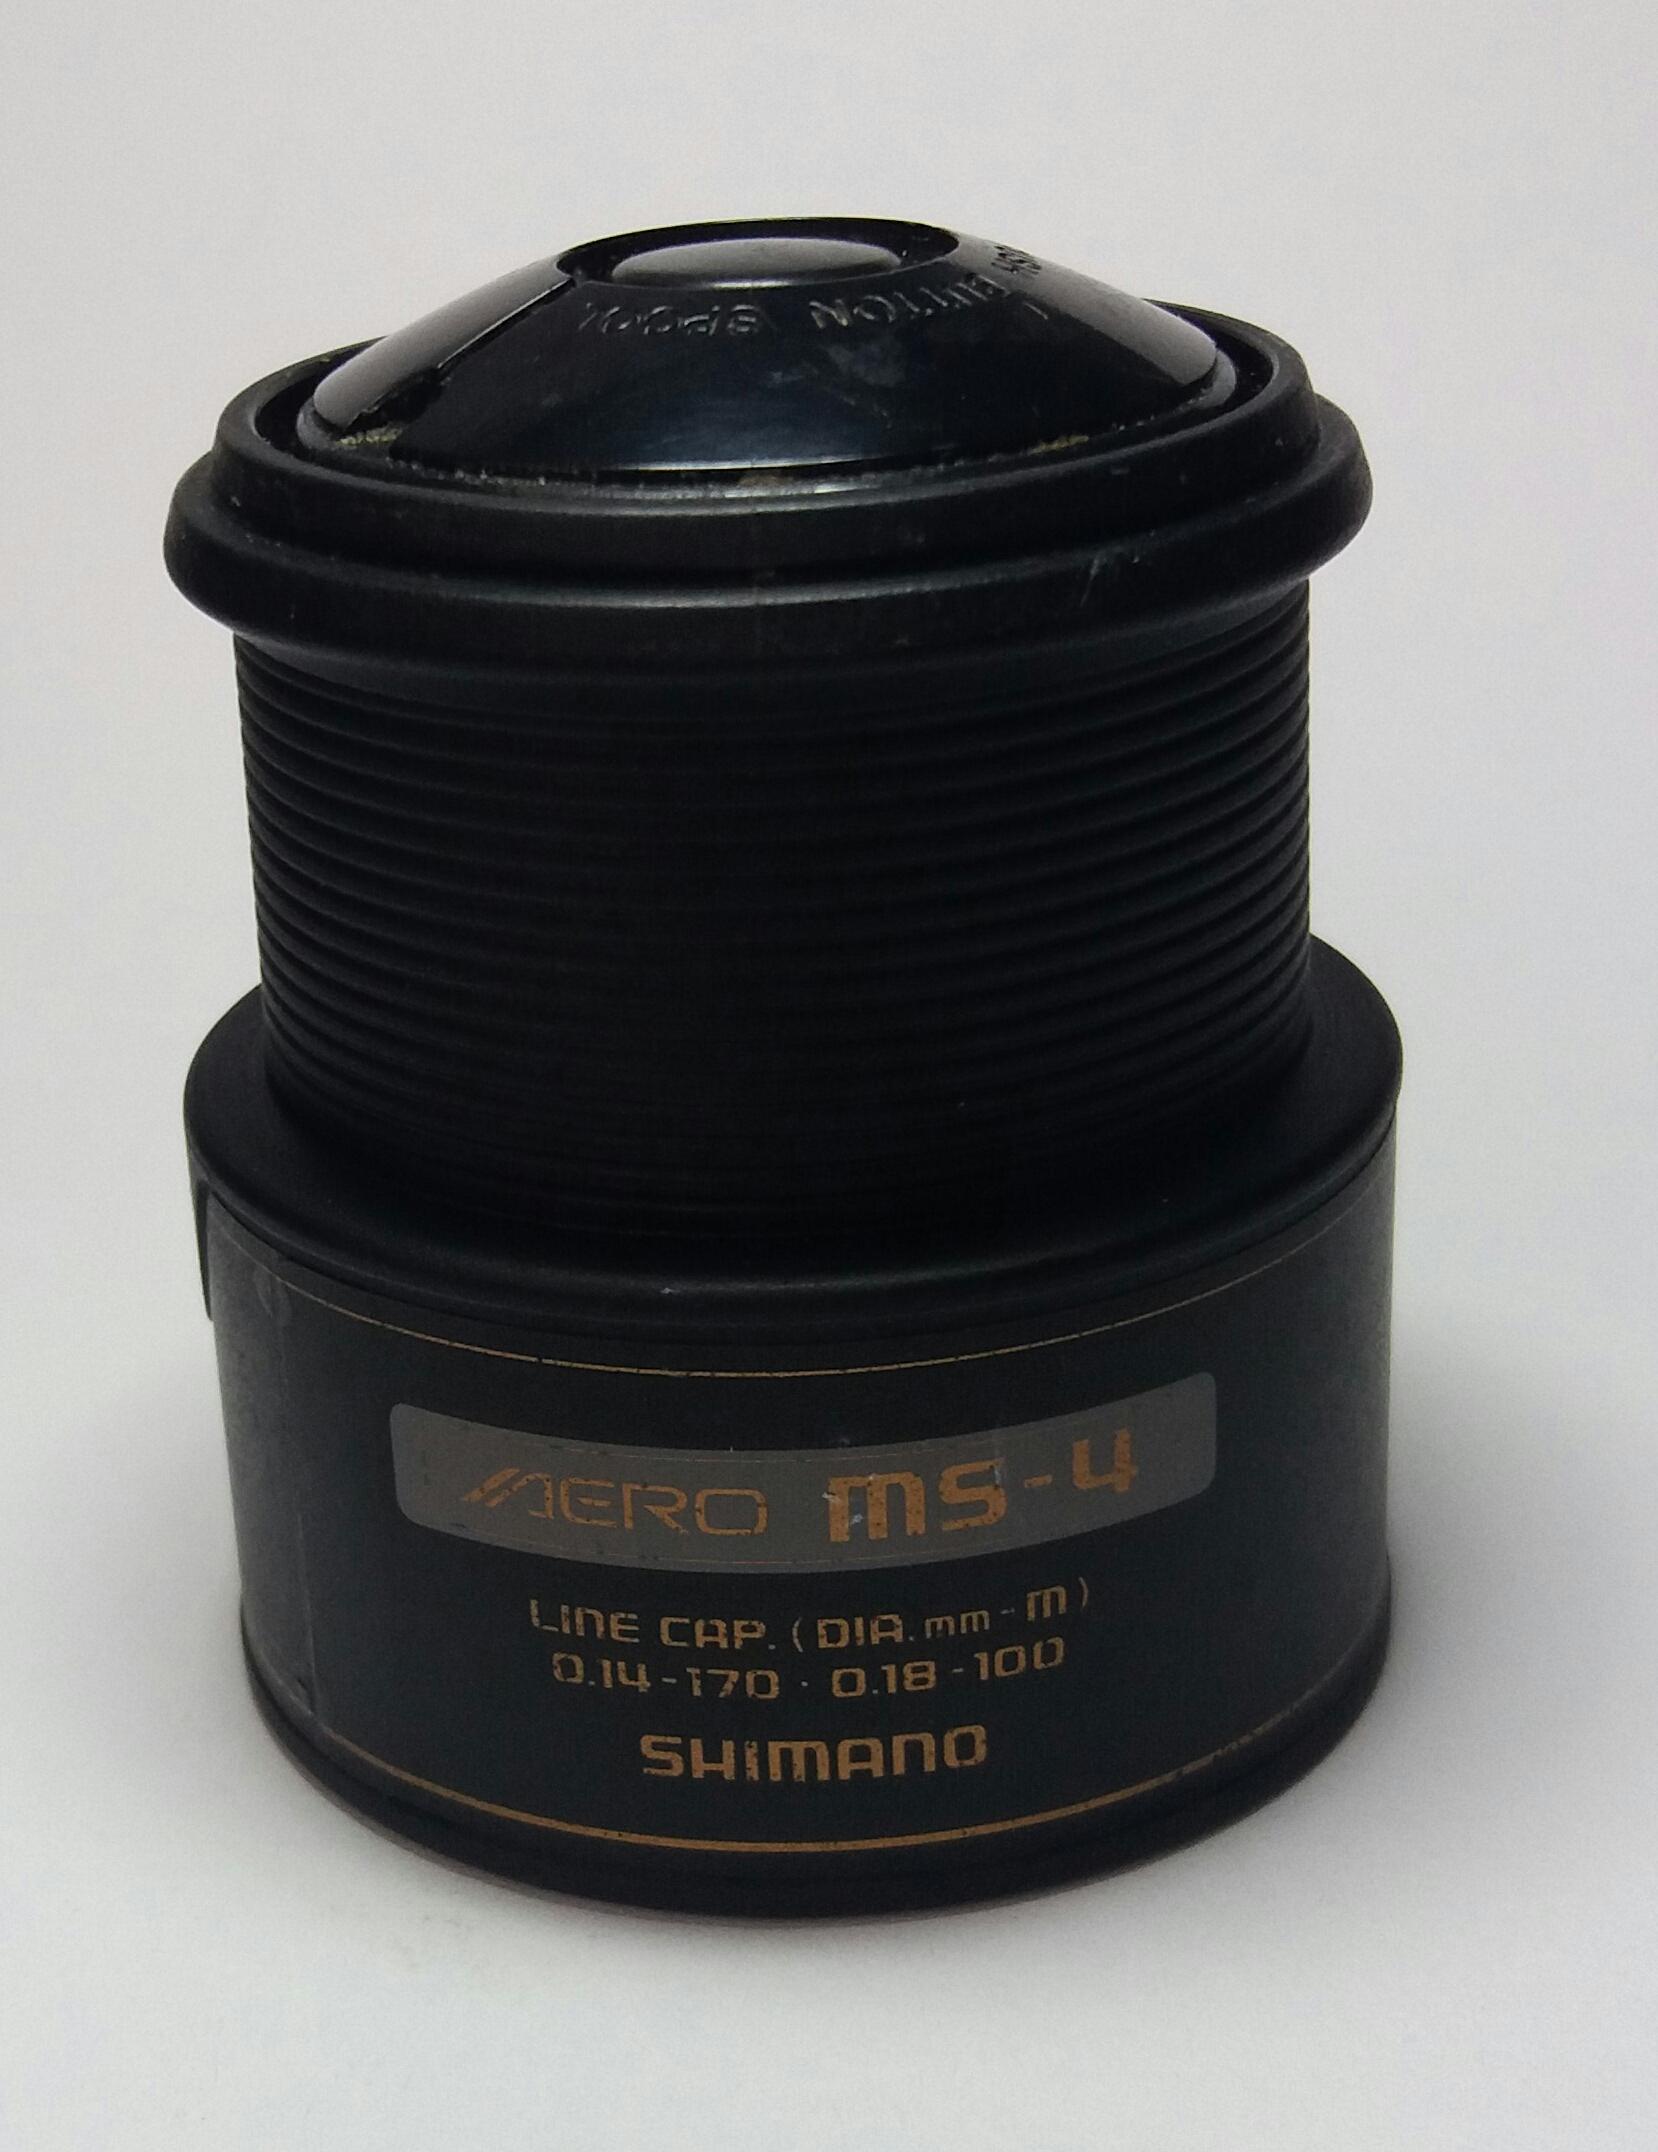 Bobina ricambio Shimano Aero MS3